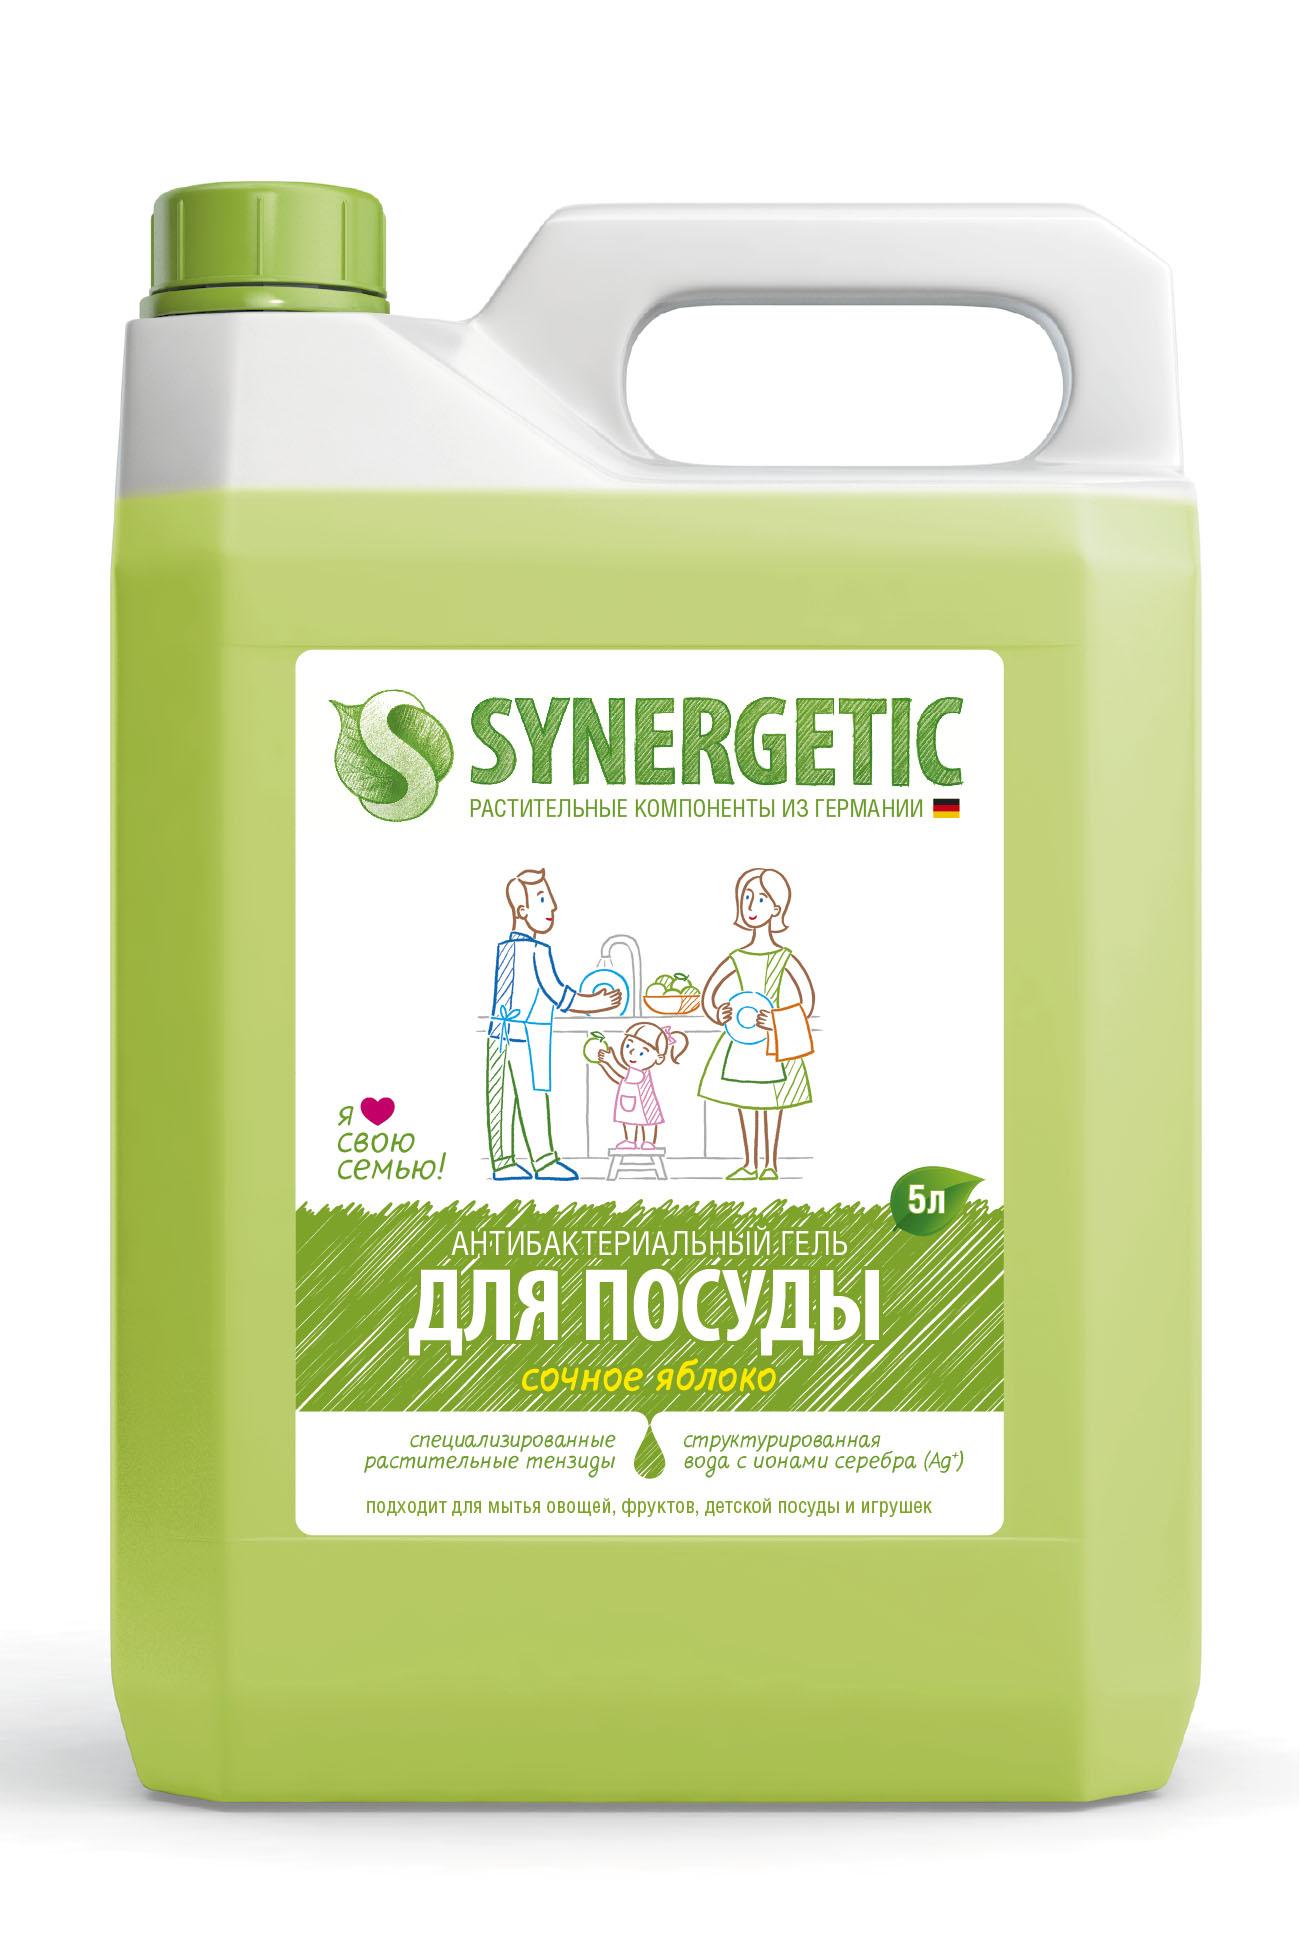 Бытовая химия Synergetic Яблоко 5 л nyx professional makeup матирующая тональная основа stay matte but not flat liquid foundation ivory 01